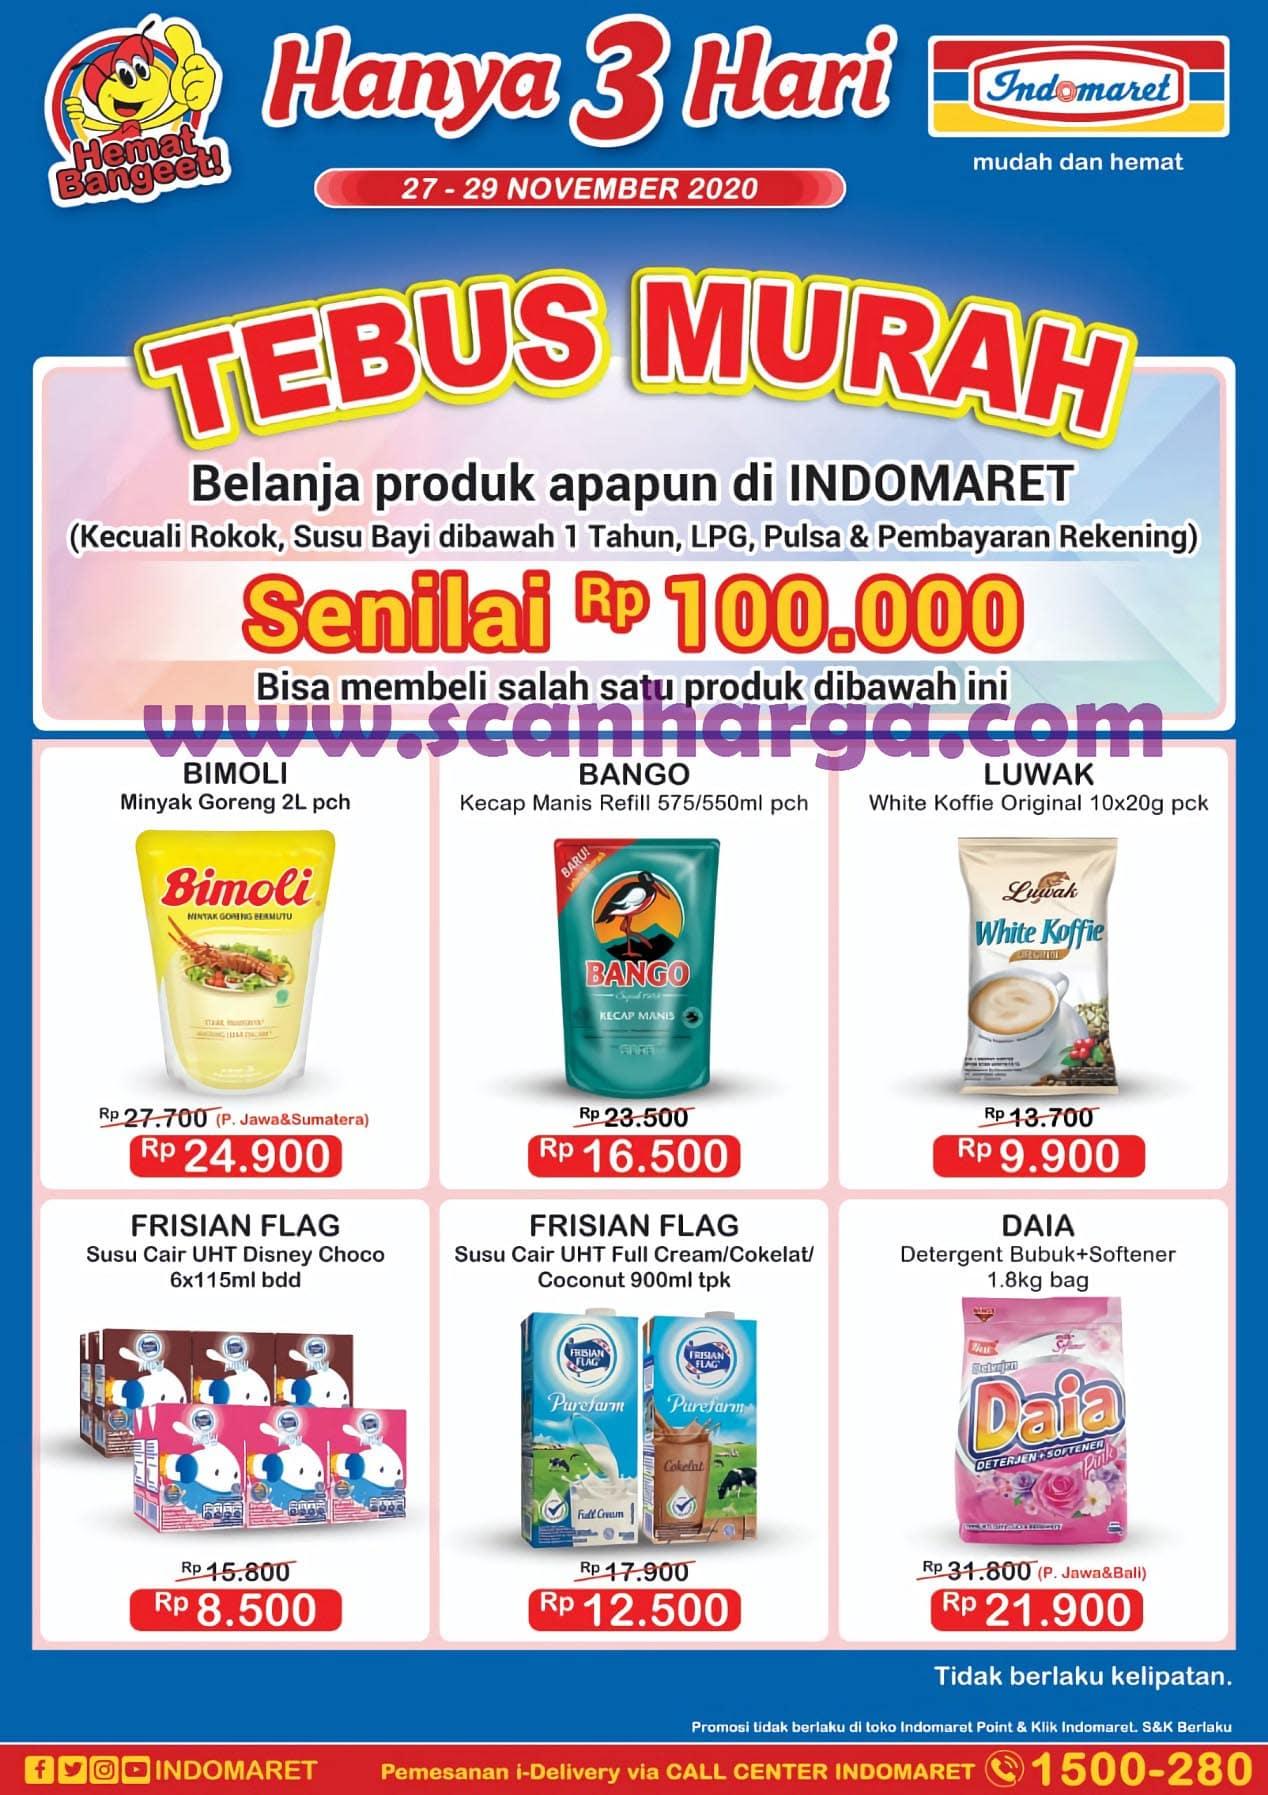 JSM INDOMARET GAJIAN Promo Tebus Murah Periode 27 - 29 November 2020